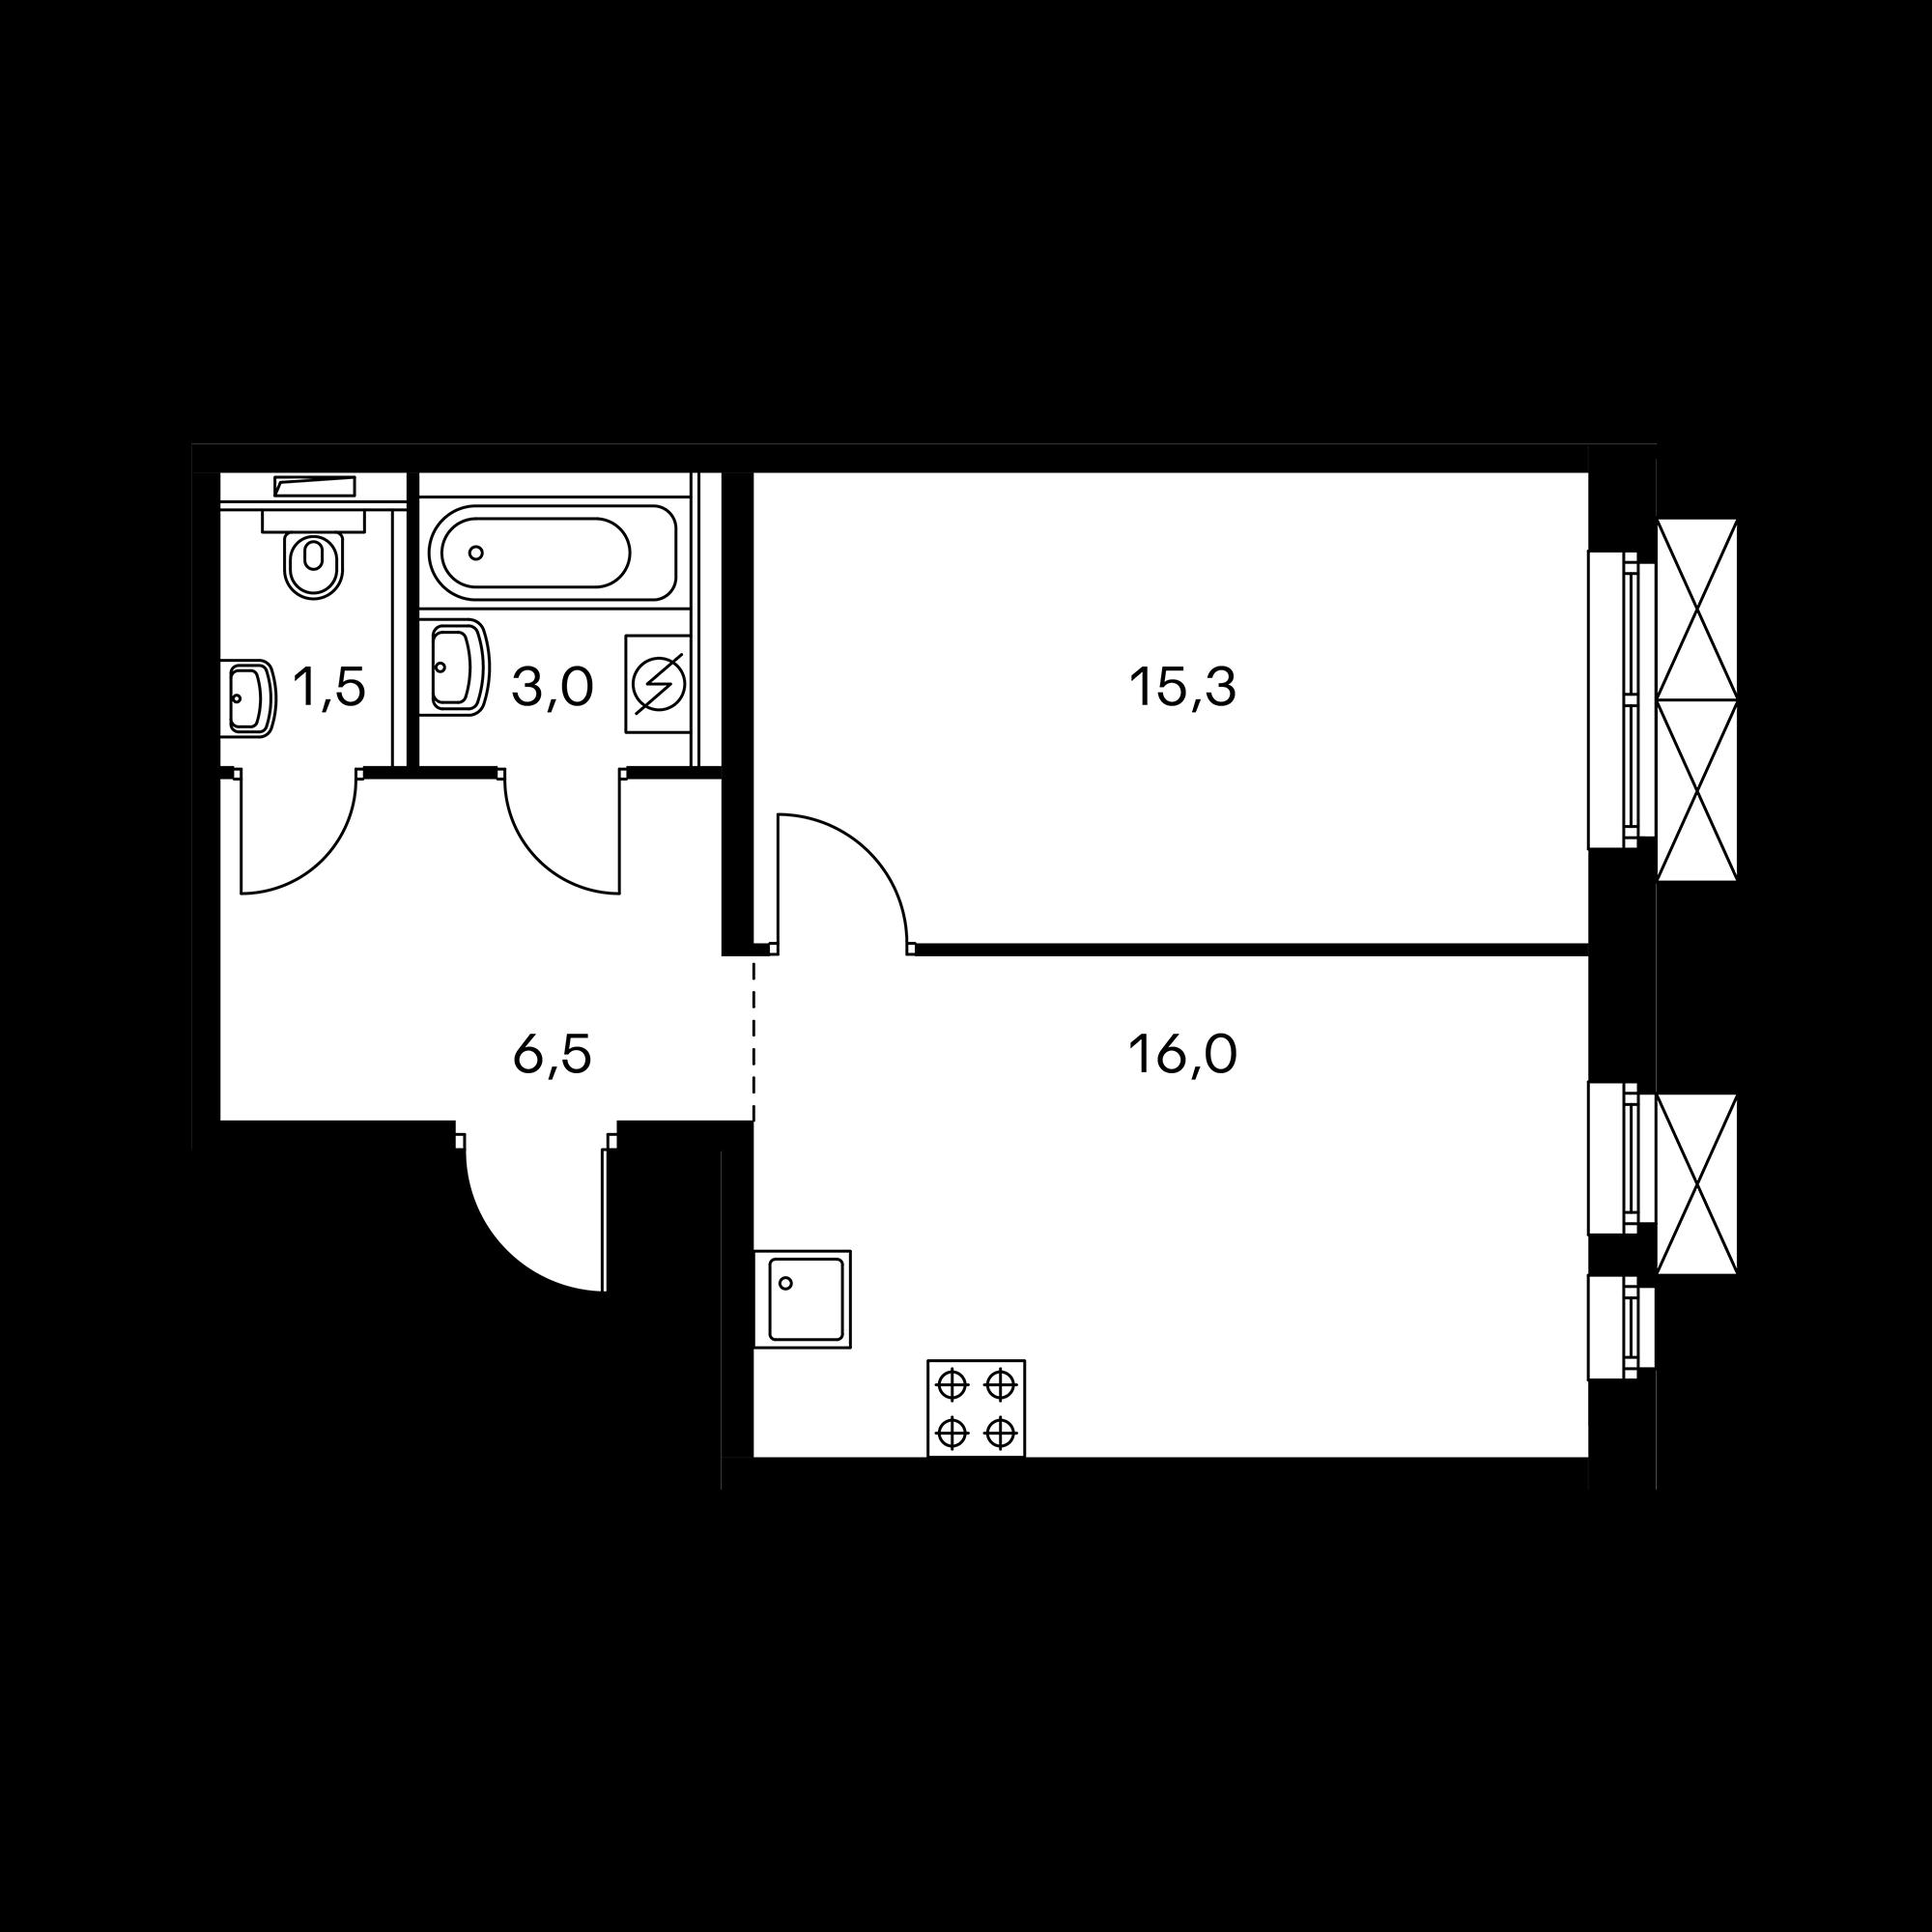 1EL21_8.7-1_S_Z1